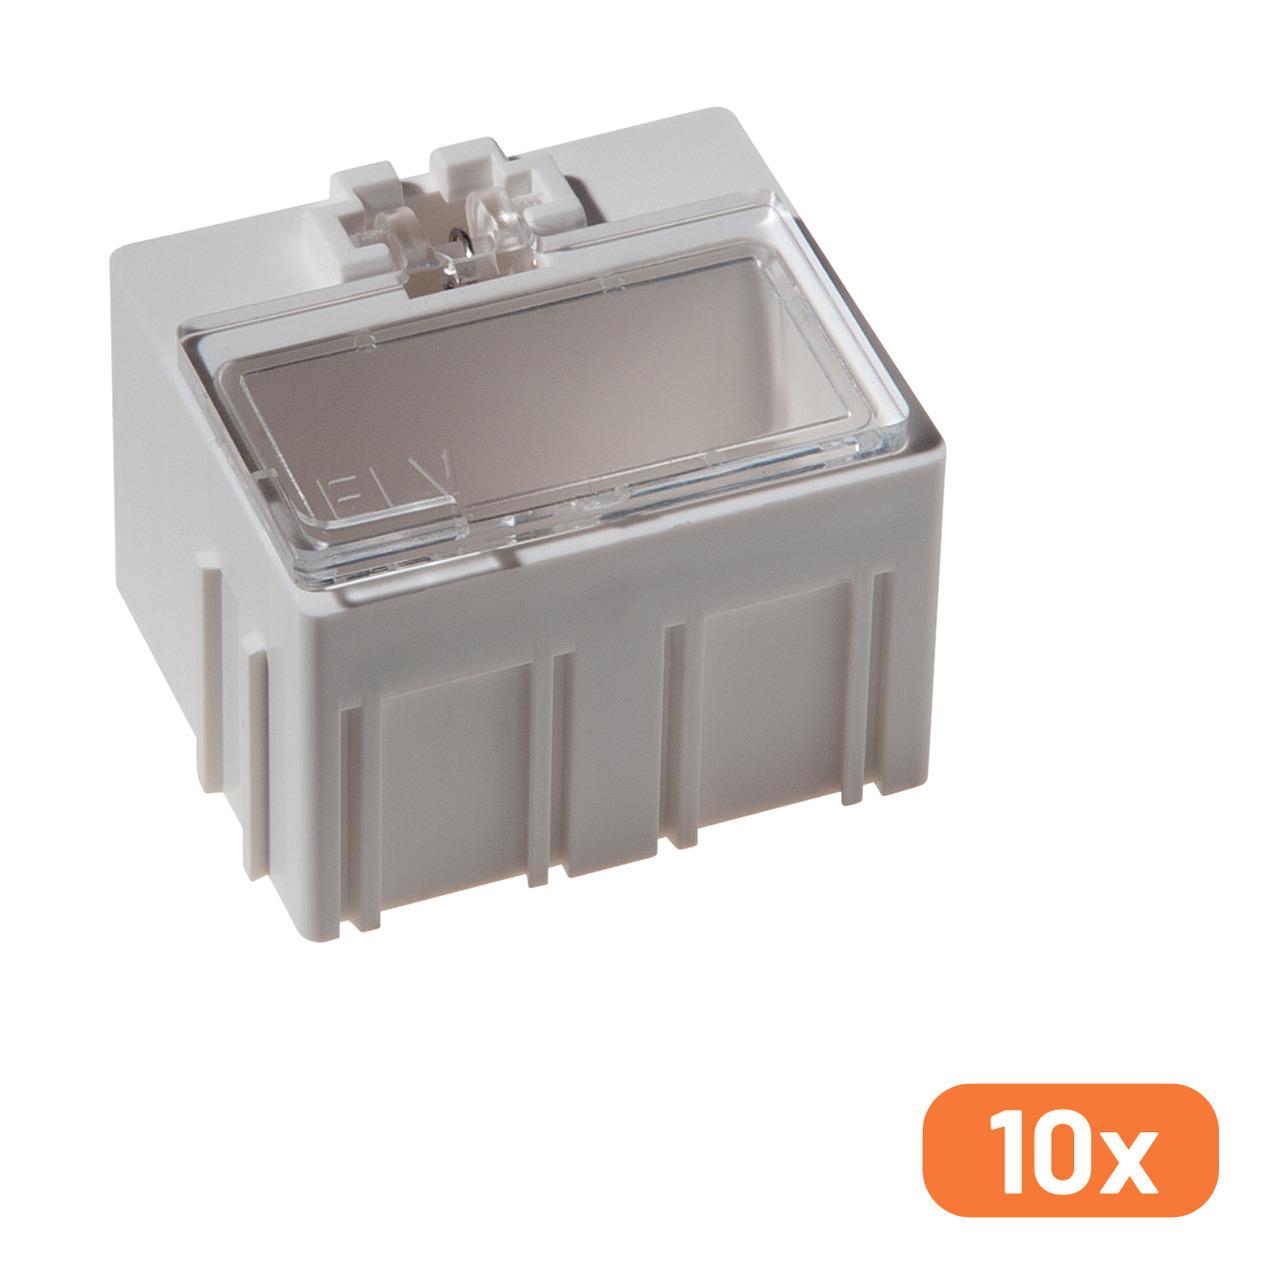 10er-Set ELV SMD-Sortierbox- Altweiss- 23 x 31 x 27 mm